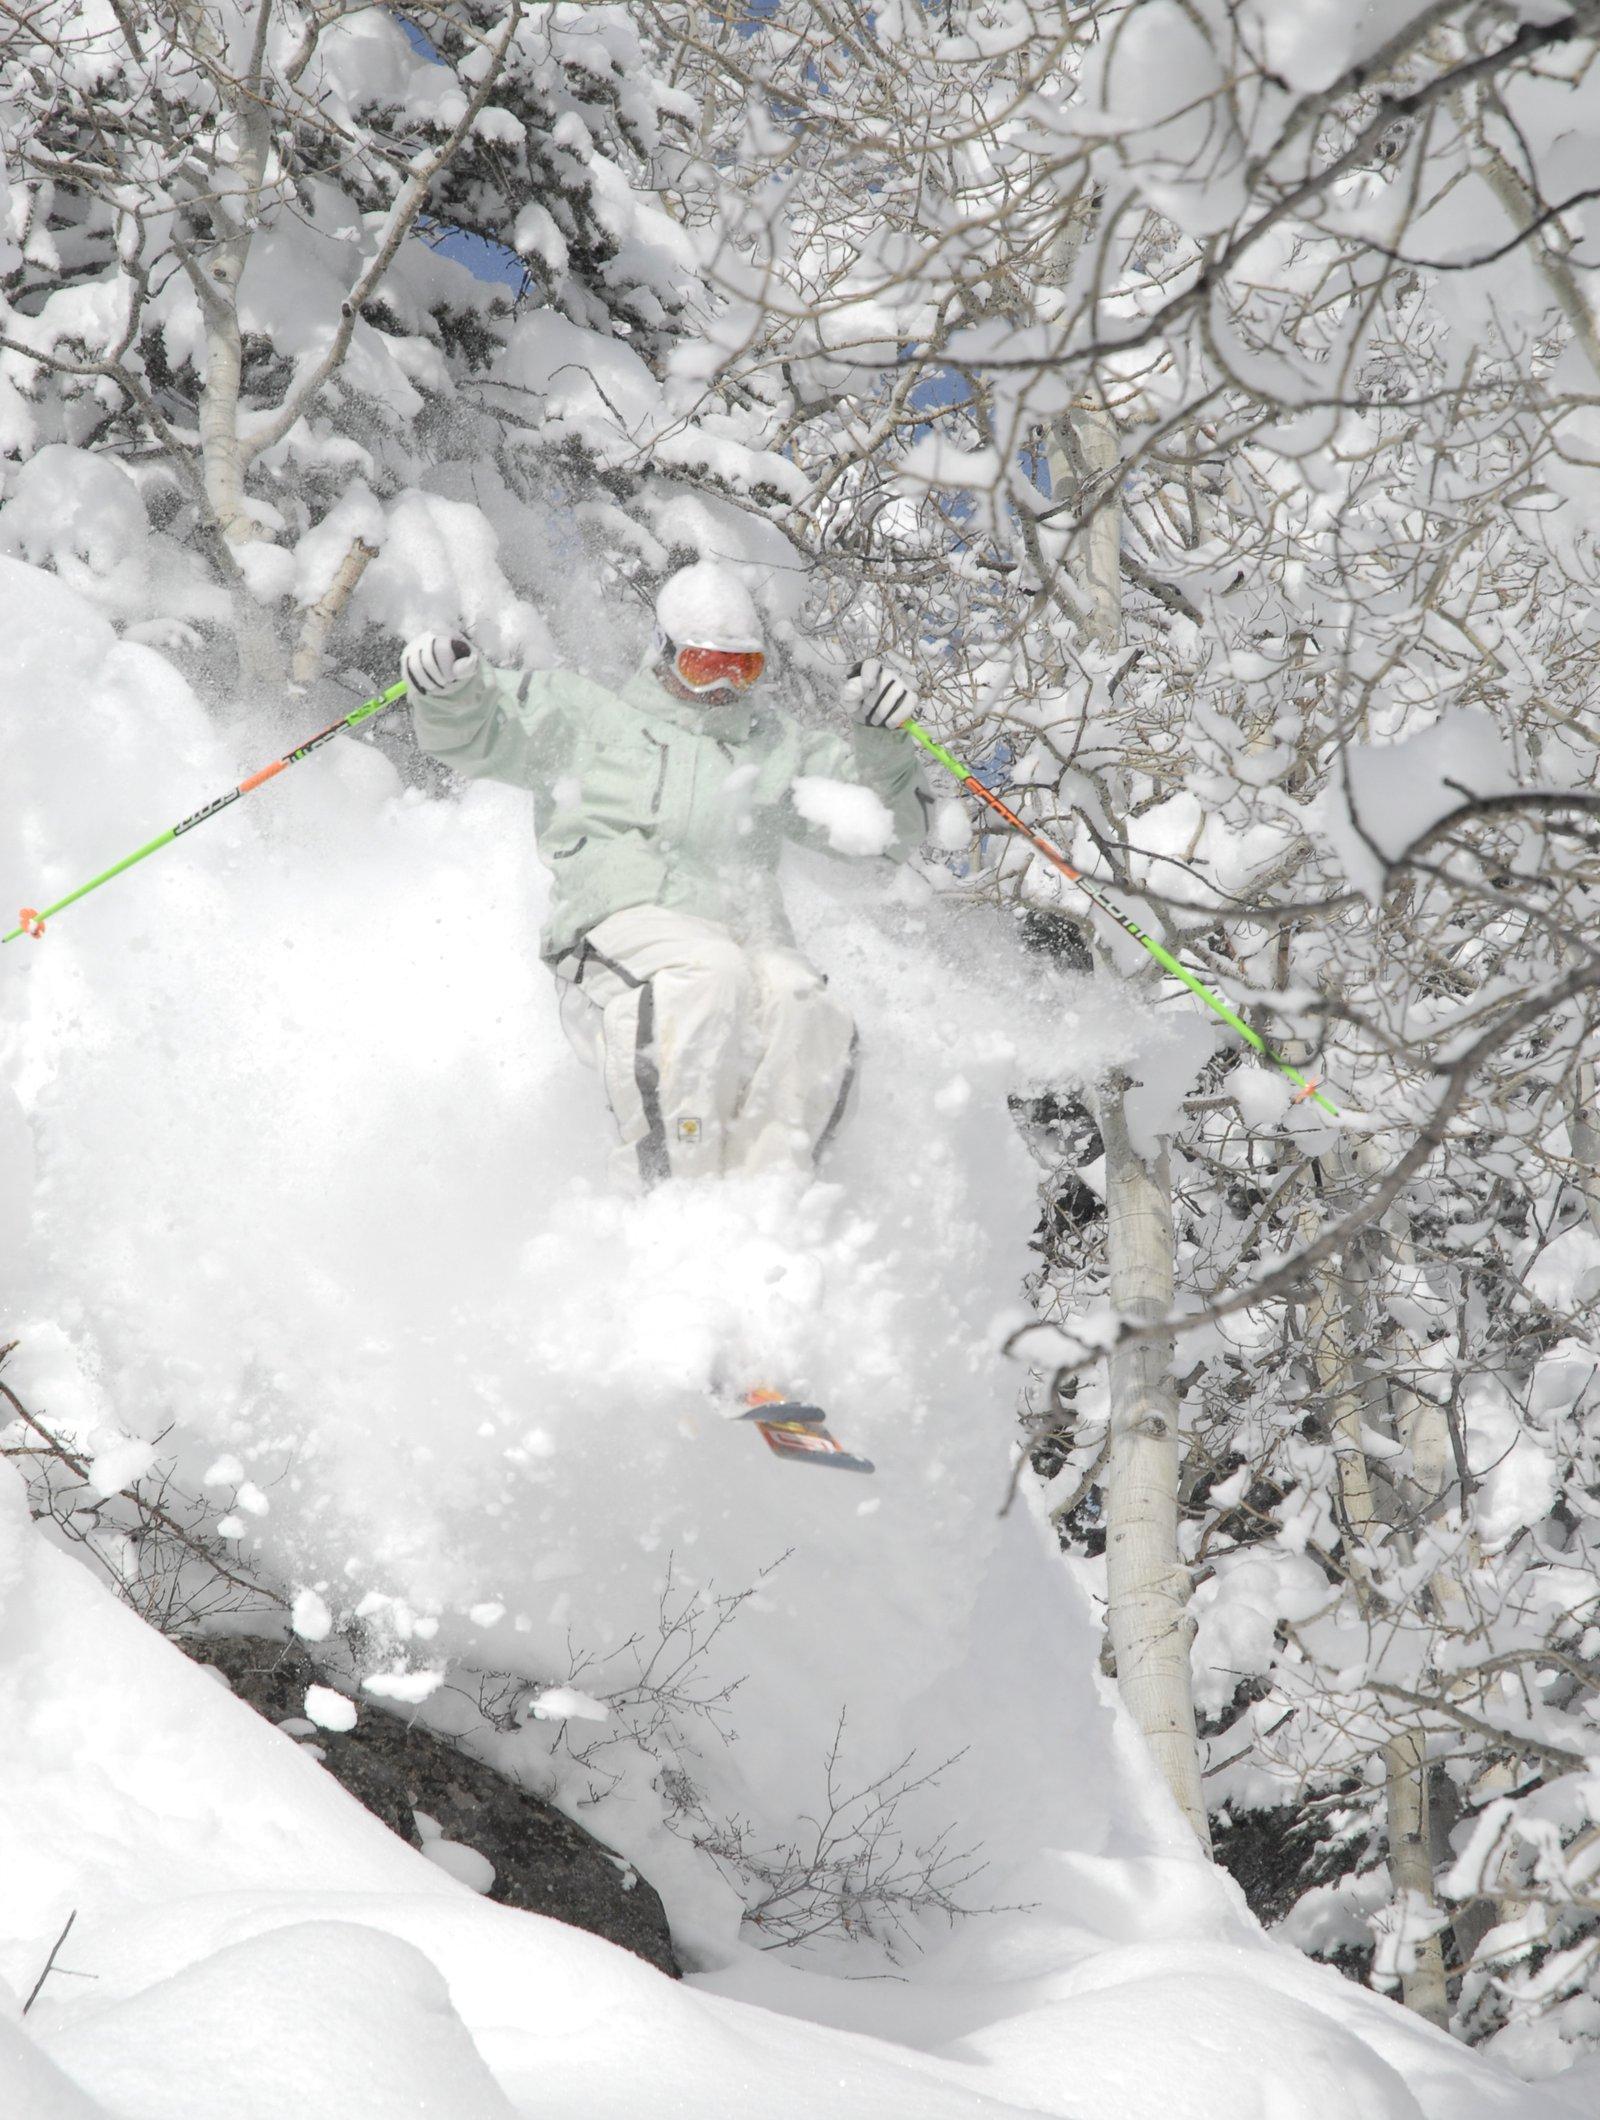 Crazy snow trees